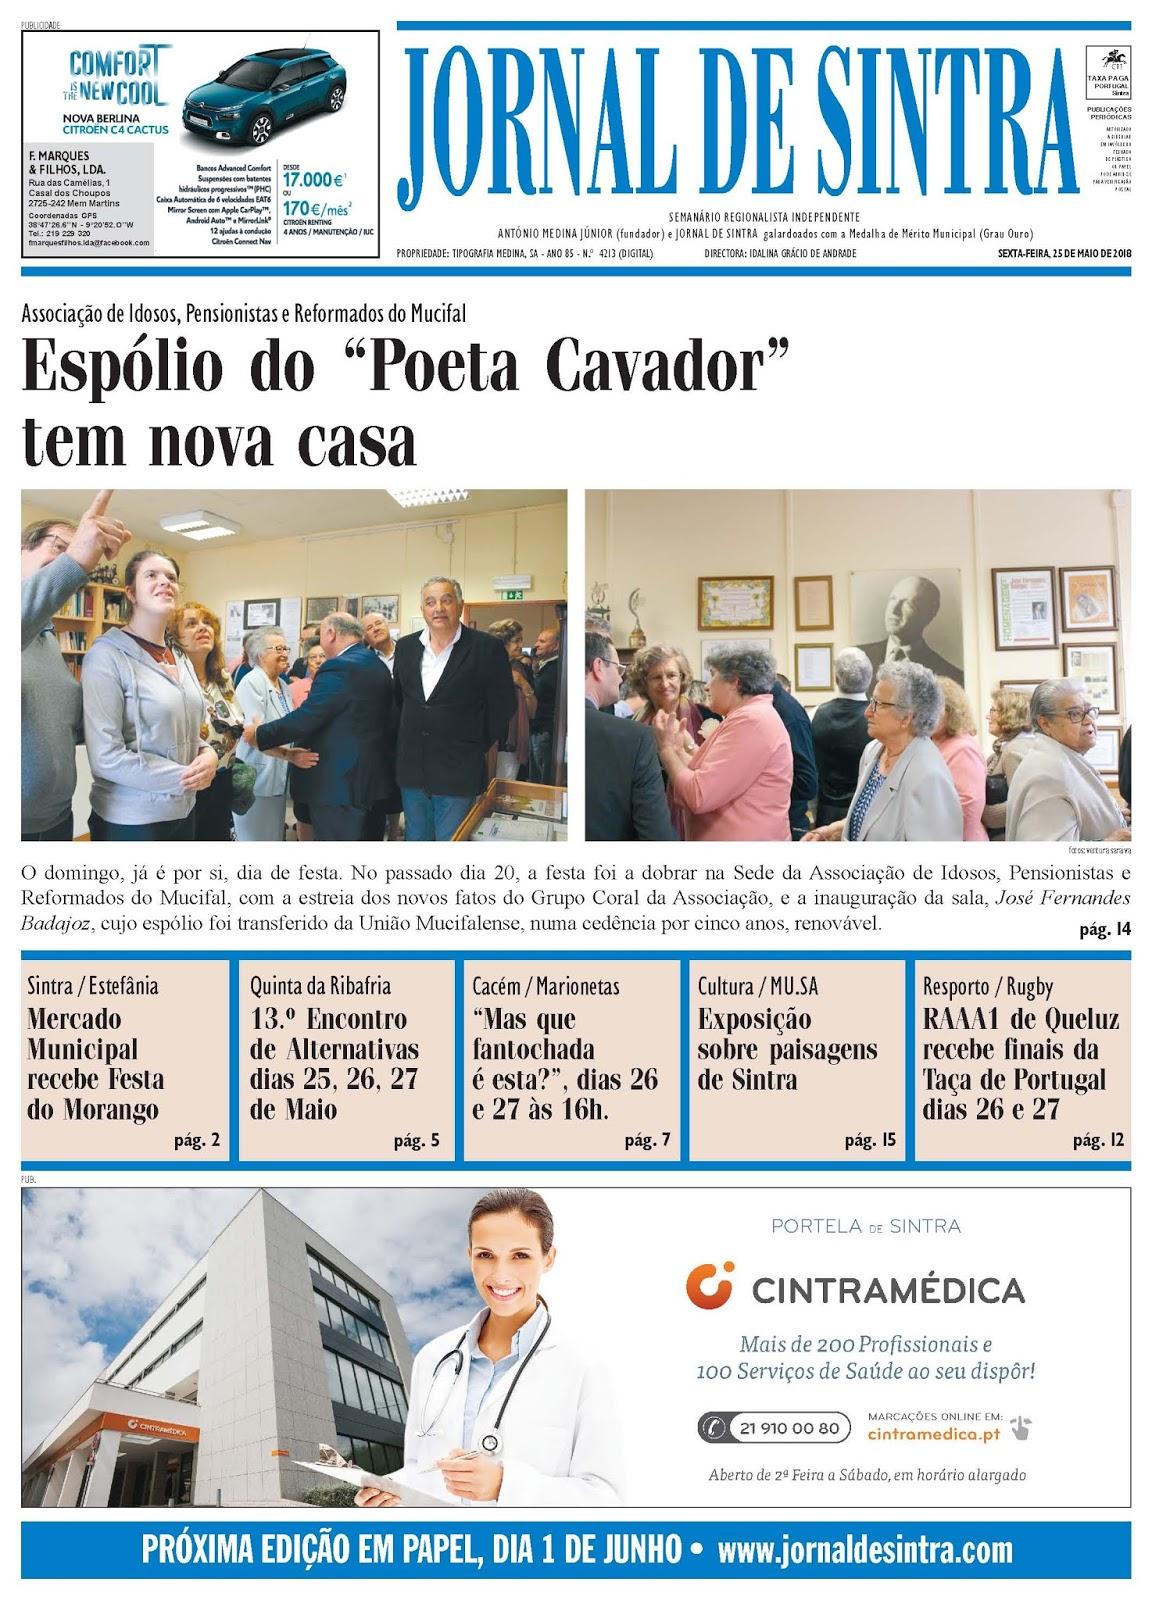 Capa da edição de 25-05-2018